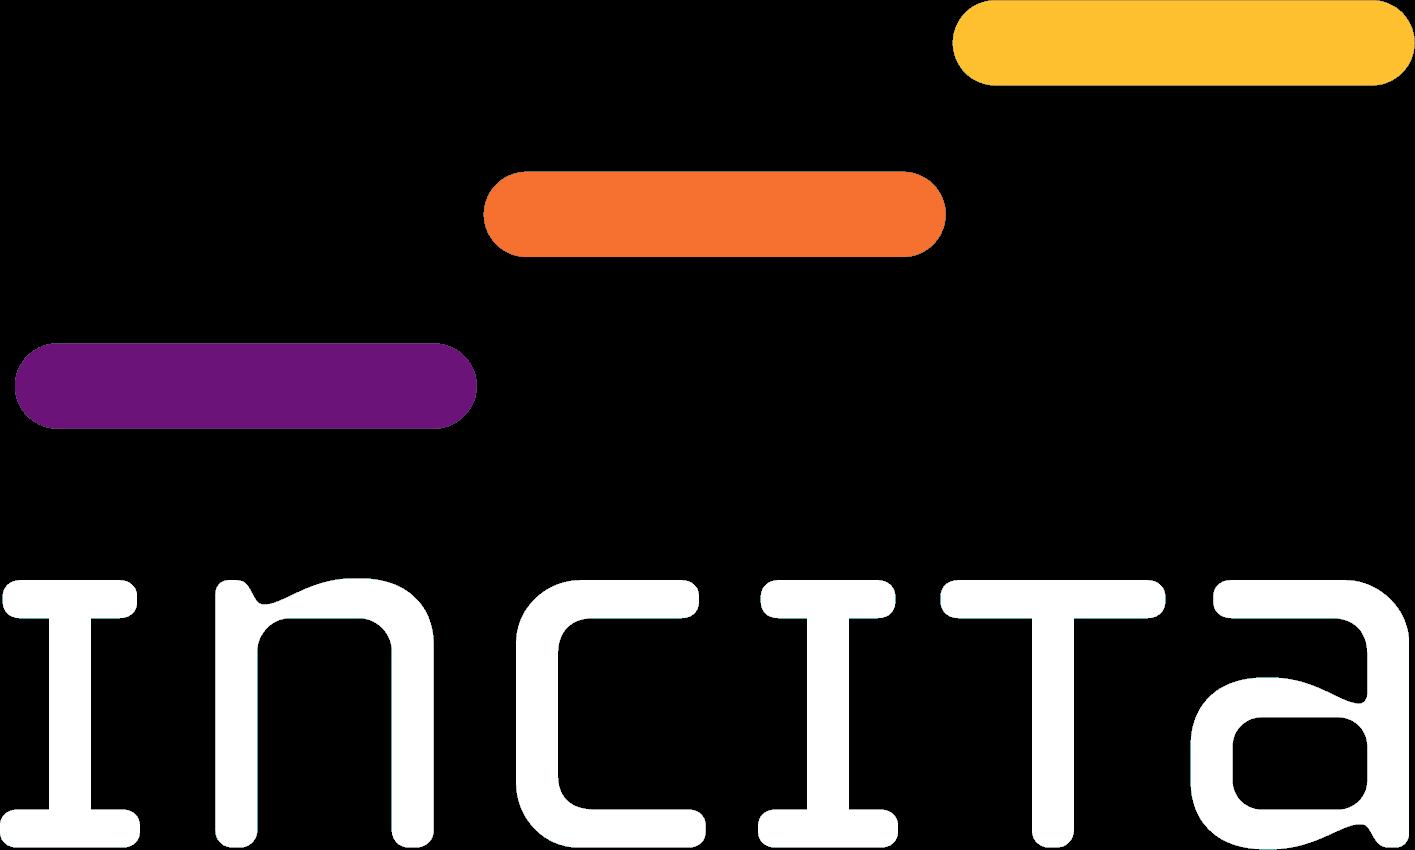 Incita logo